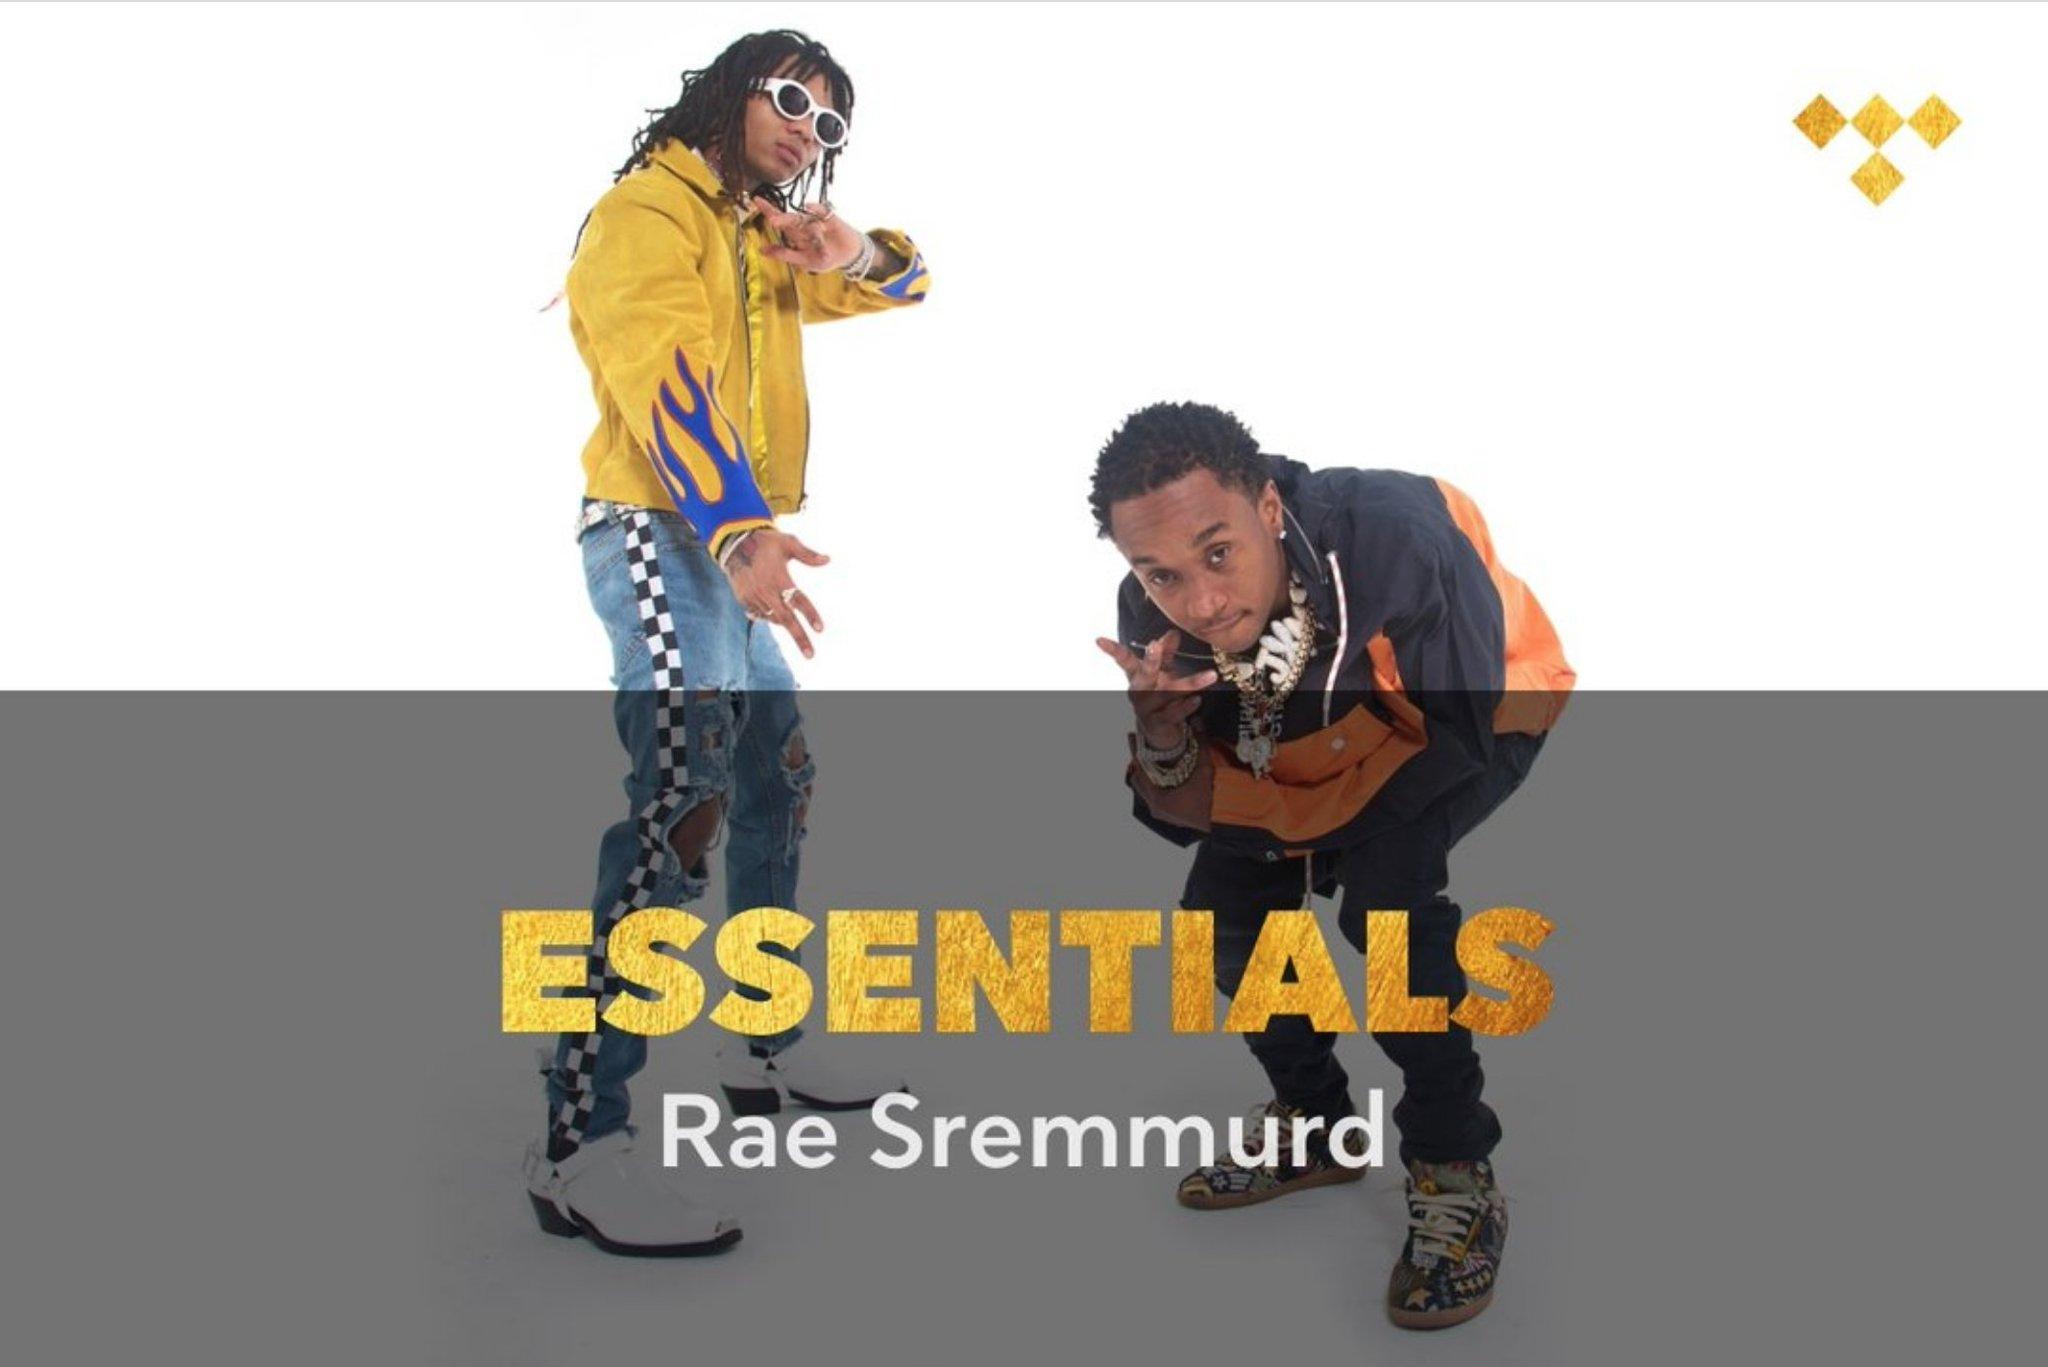 Rae Sremmurd Essentials https://t.co/YlRPHqNwuj #TIDAL https://t.co/5IpfMexxM1